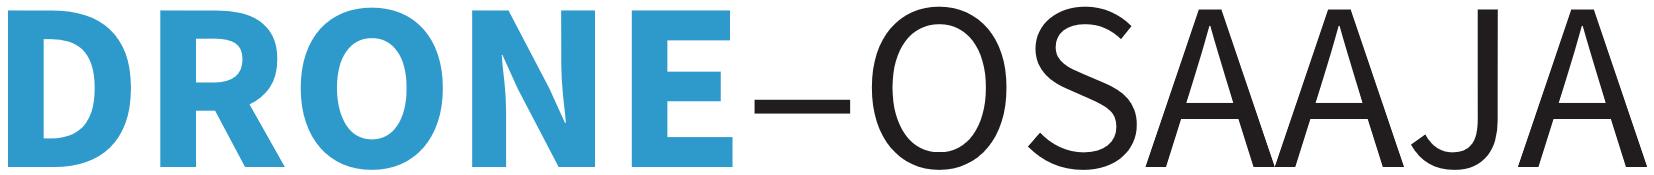 DRONE-OSAAJA